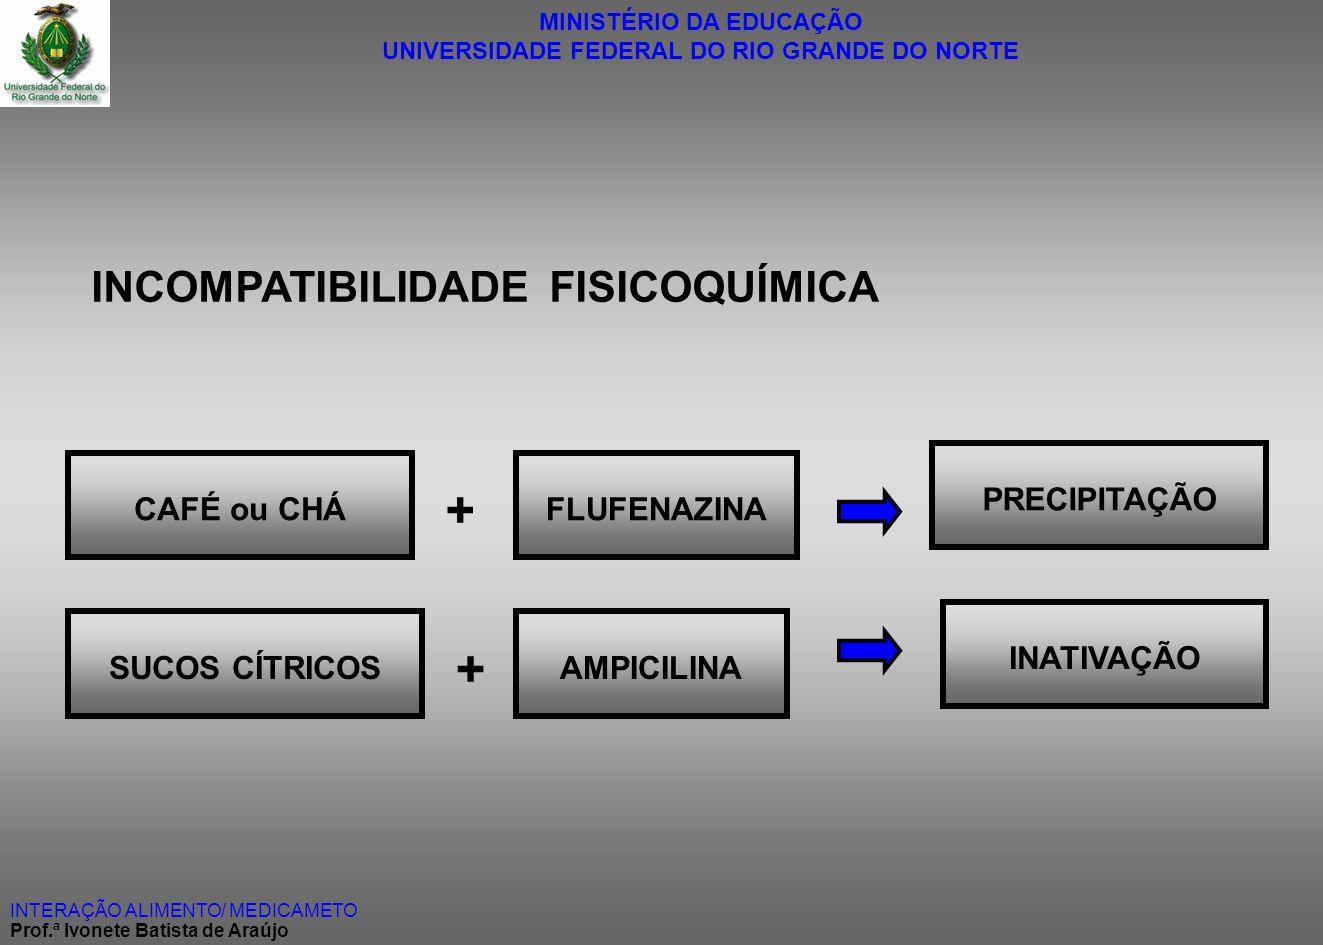 + + INCOMPATIBILIDADE FISICOQUÍMICA PRECIPITAÇÃO CAFÉ ou CHÁ